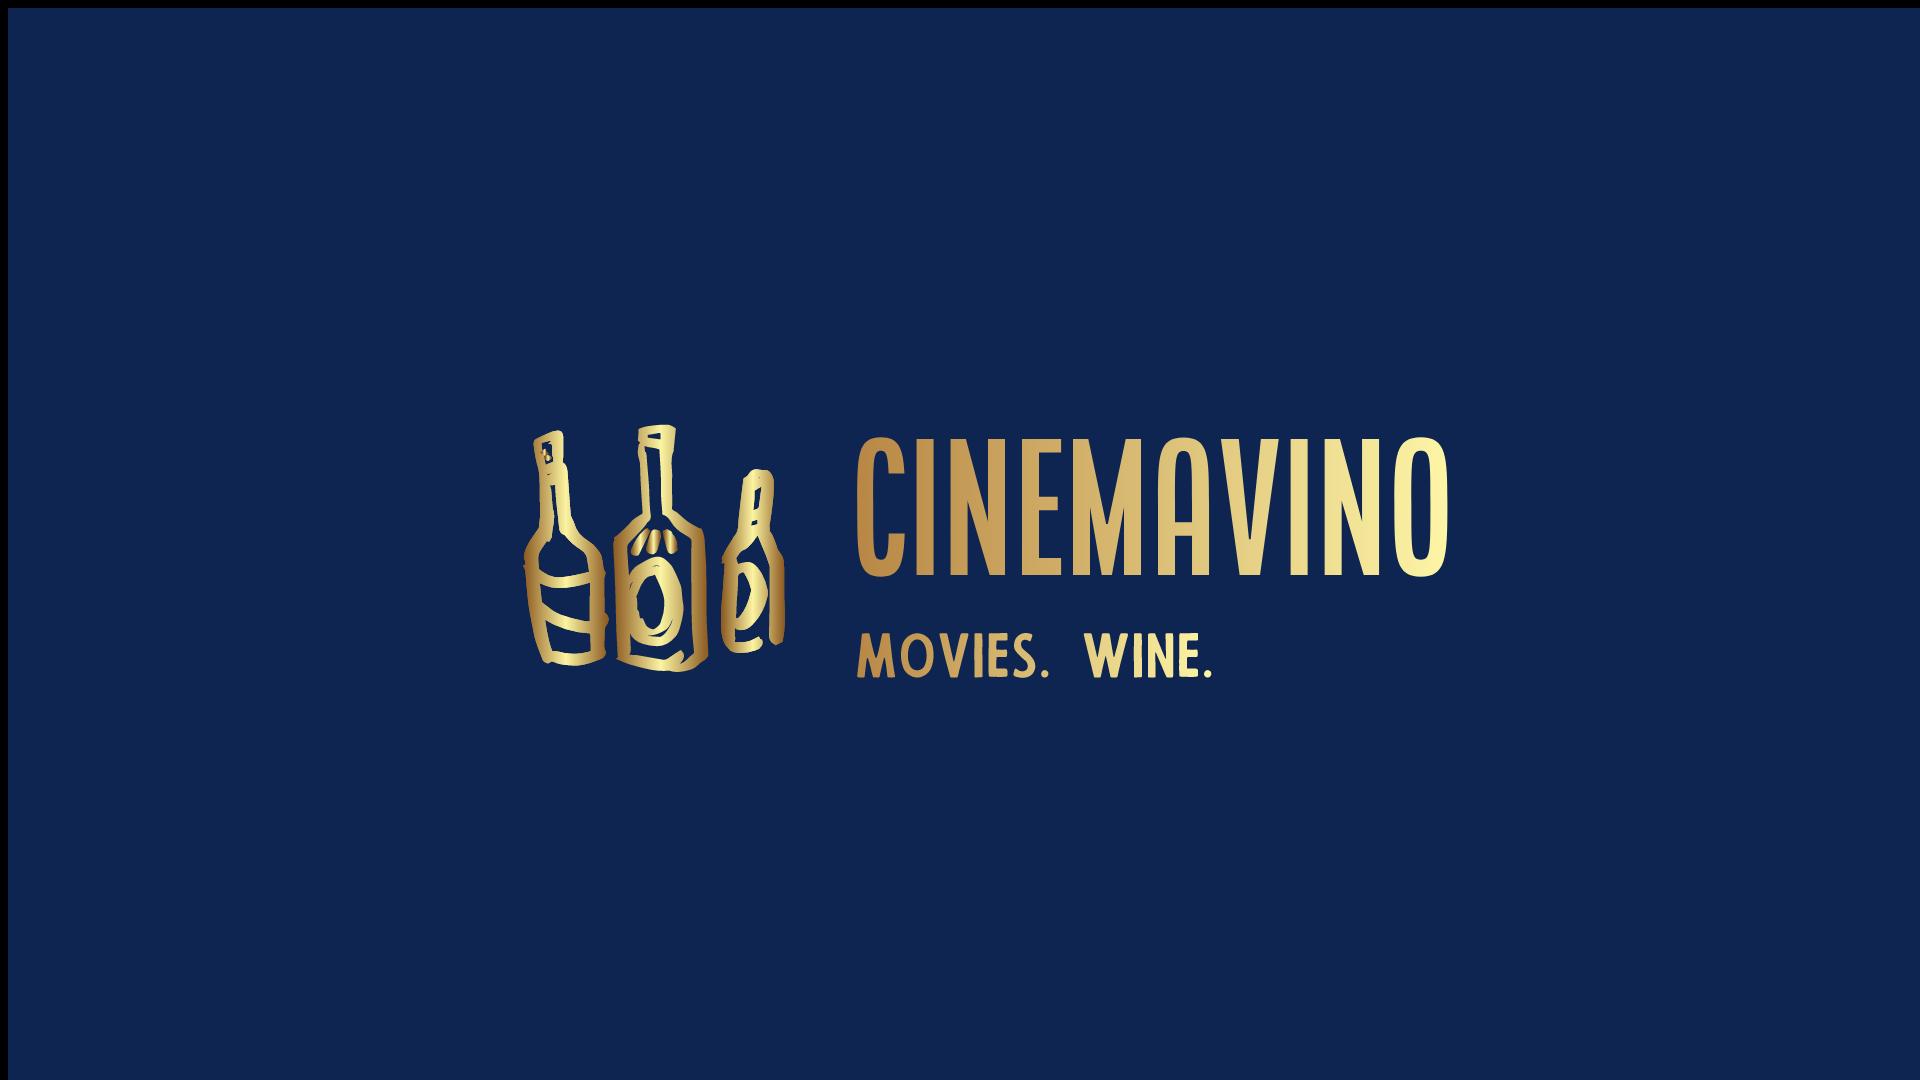 Cinemavino